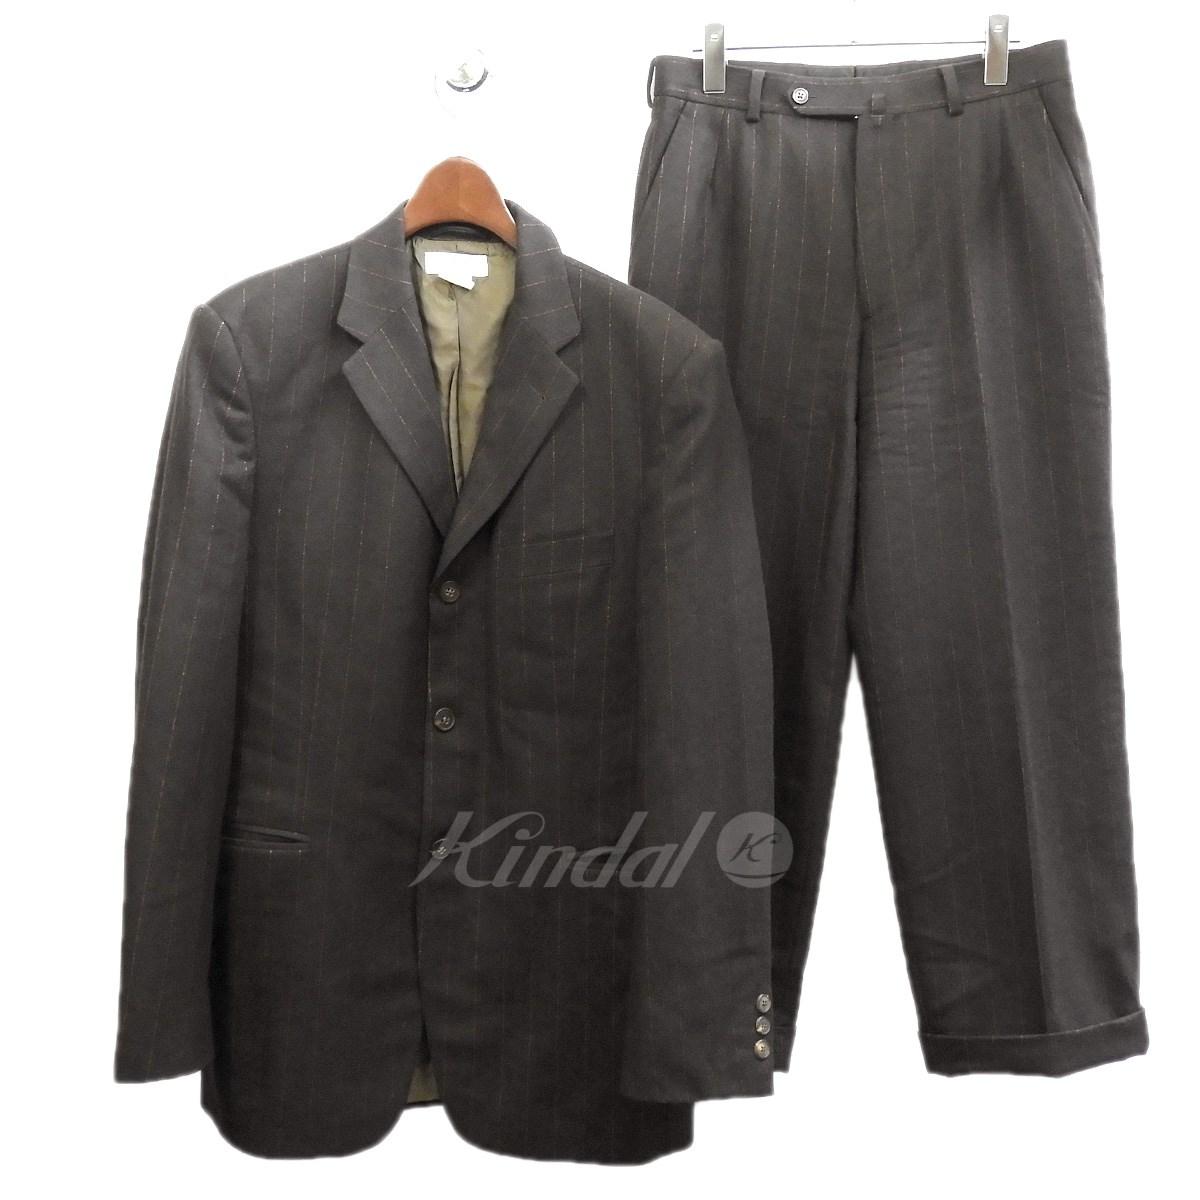 【中古】DRIES VAN NOTEN ストライプセットアップスーツ ブラック サイズ:46/46 【送料無料】 【130319】(ドリスヴァンノッテン)